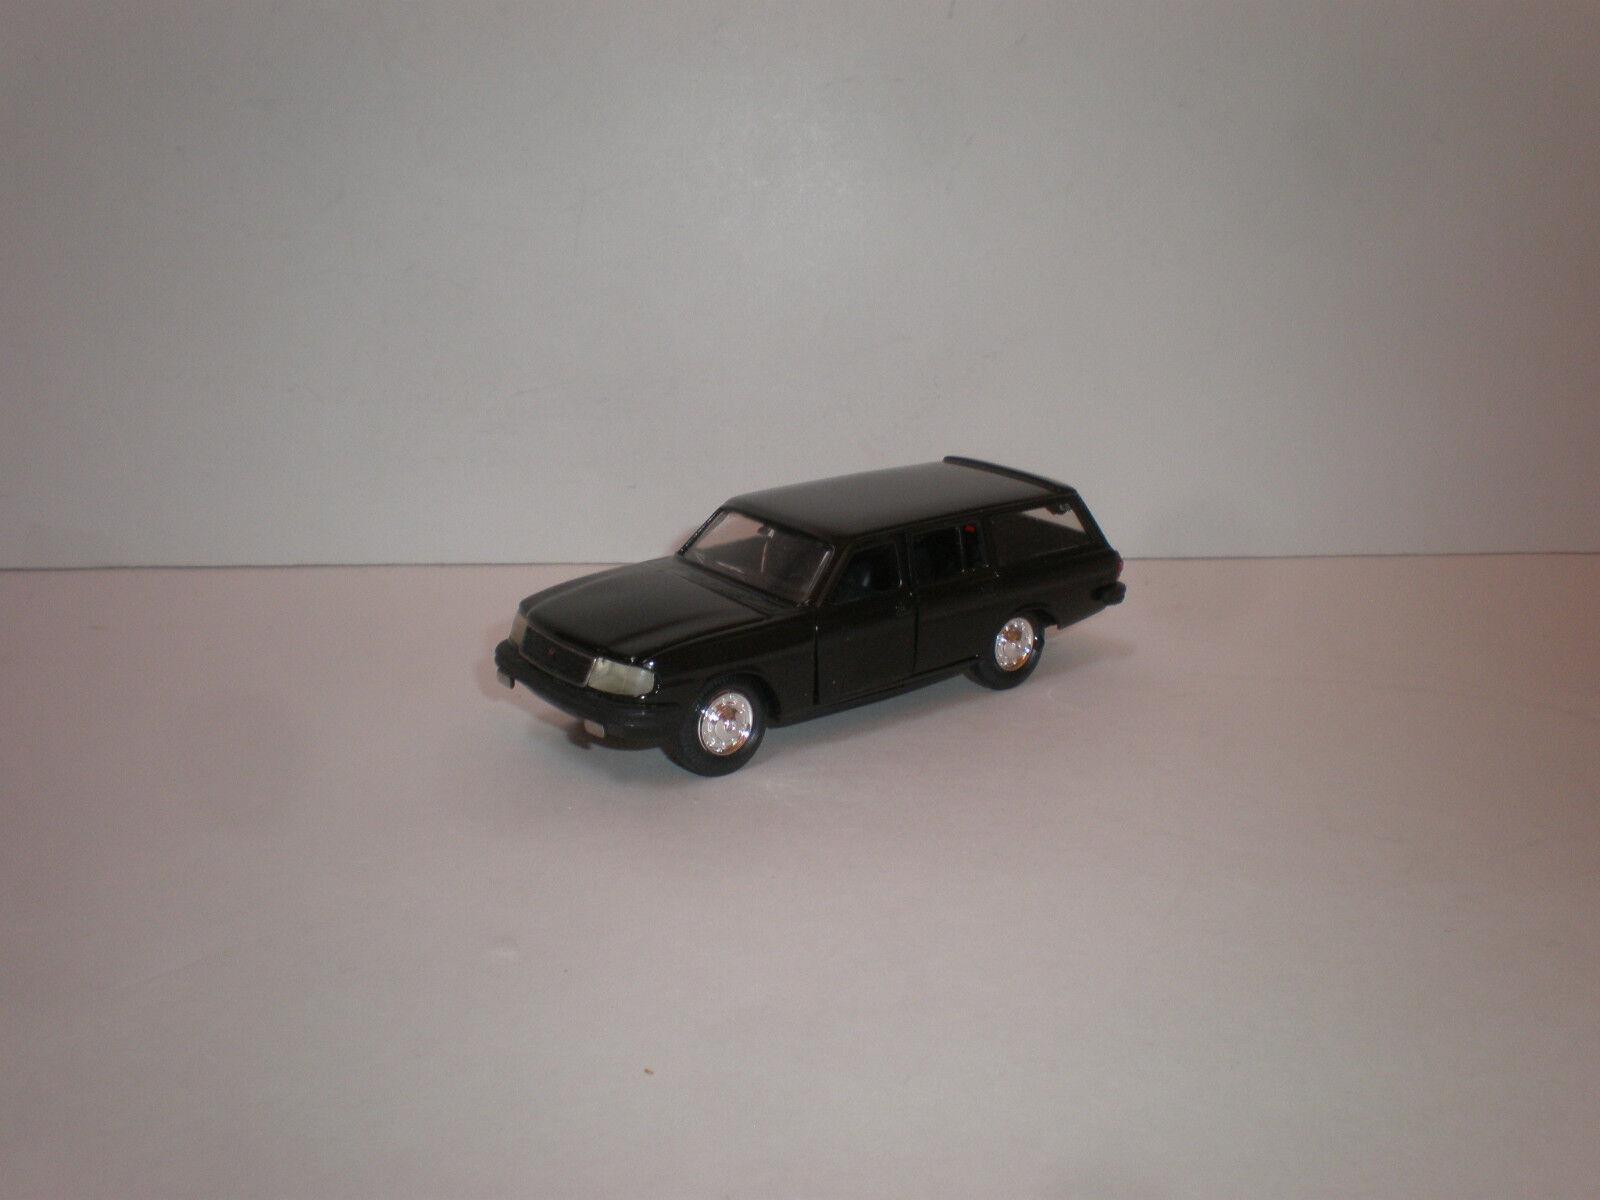 disfrutando de sus compras 1 43 1992-1997 1992-1997 1992-1997 Gaz-31029 Modelo Diecast Volga  entrega de rayos